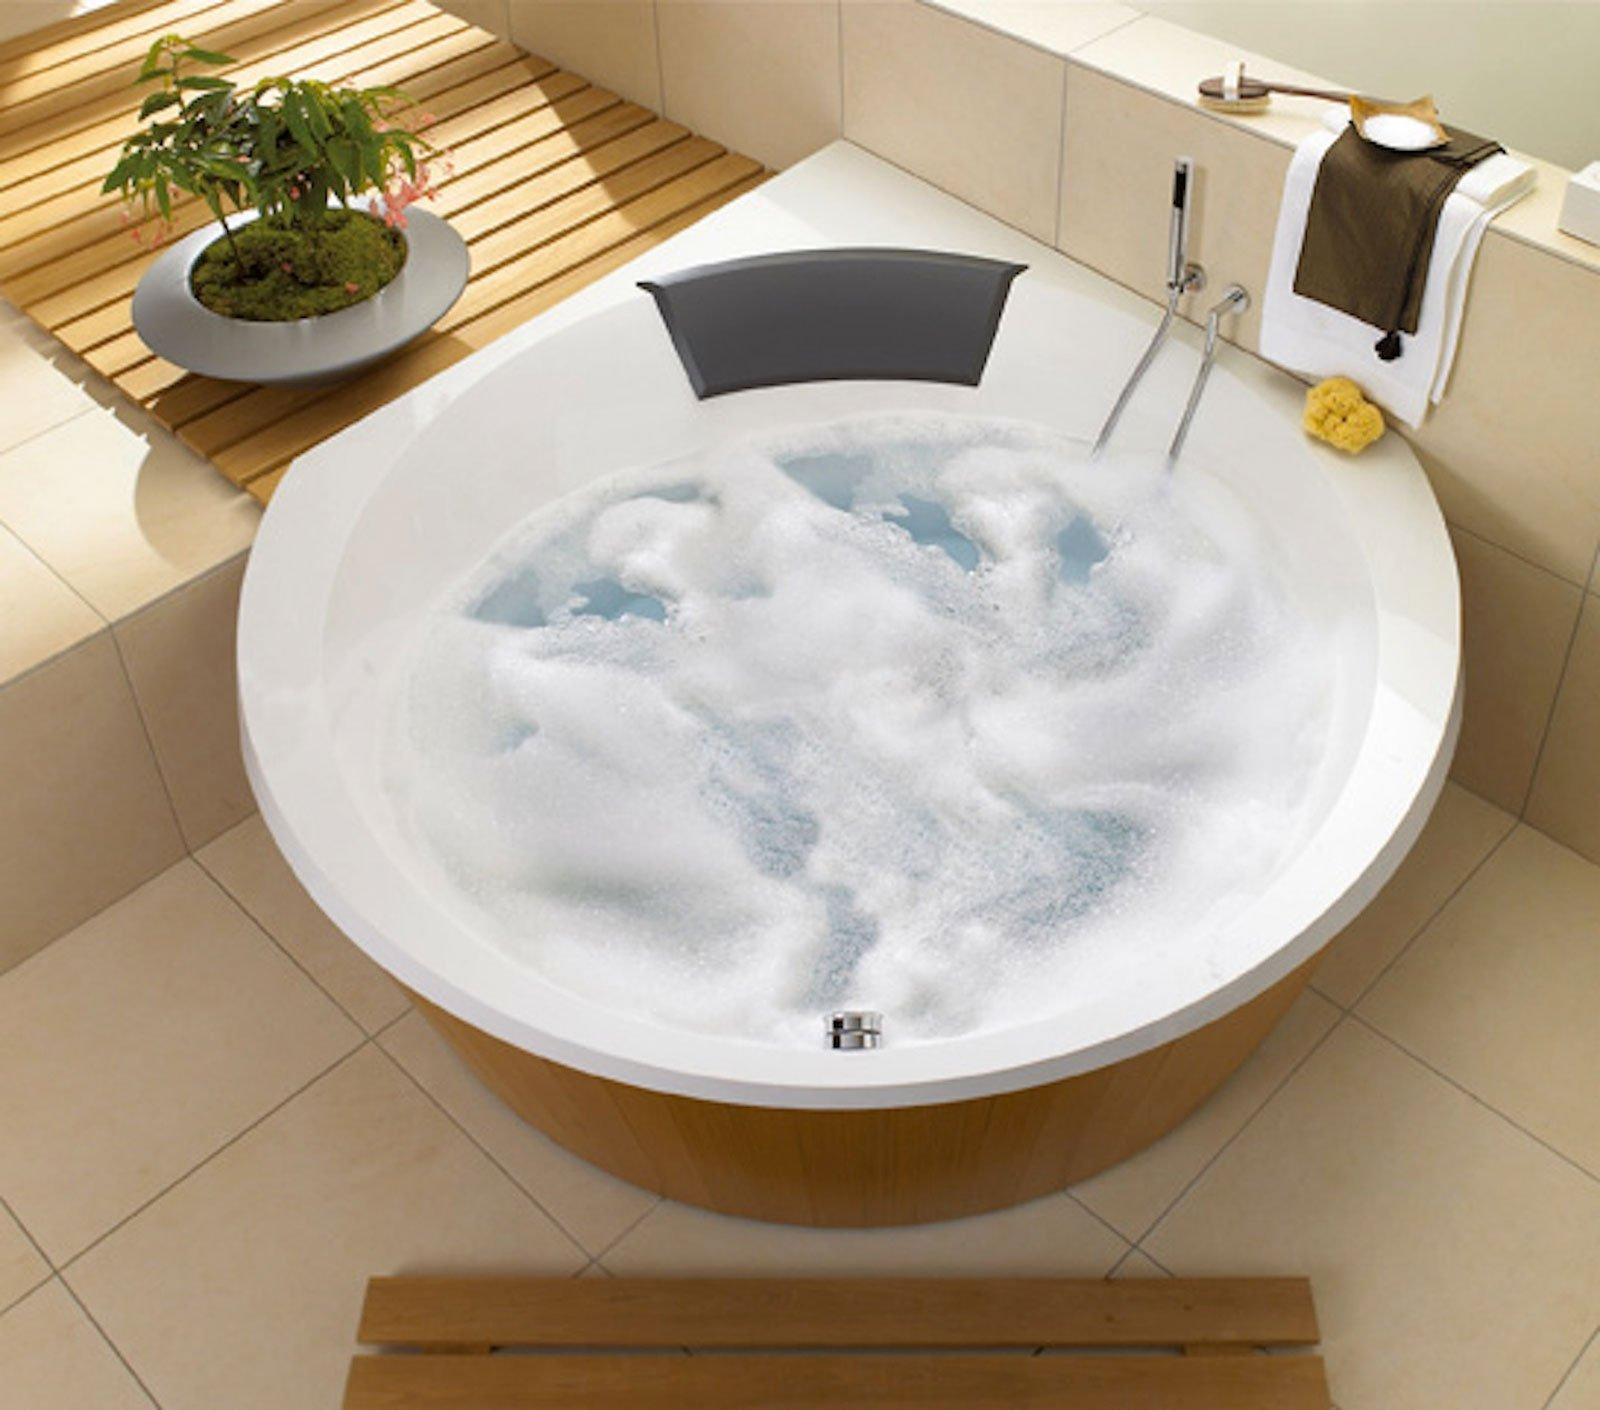 la vasca angolare luxxus di villeroy boch realizzata in quaryl un materiale